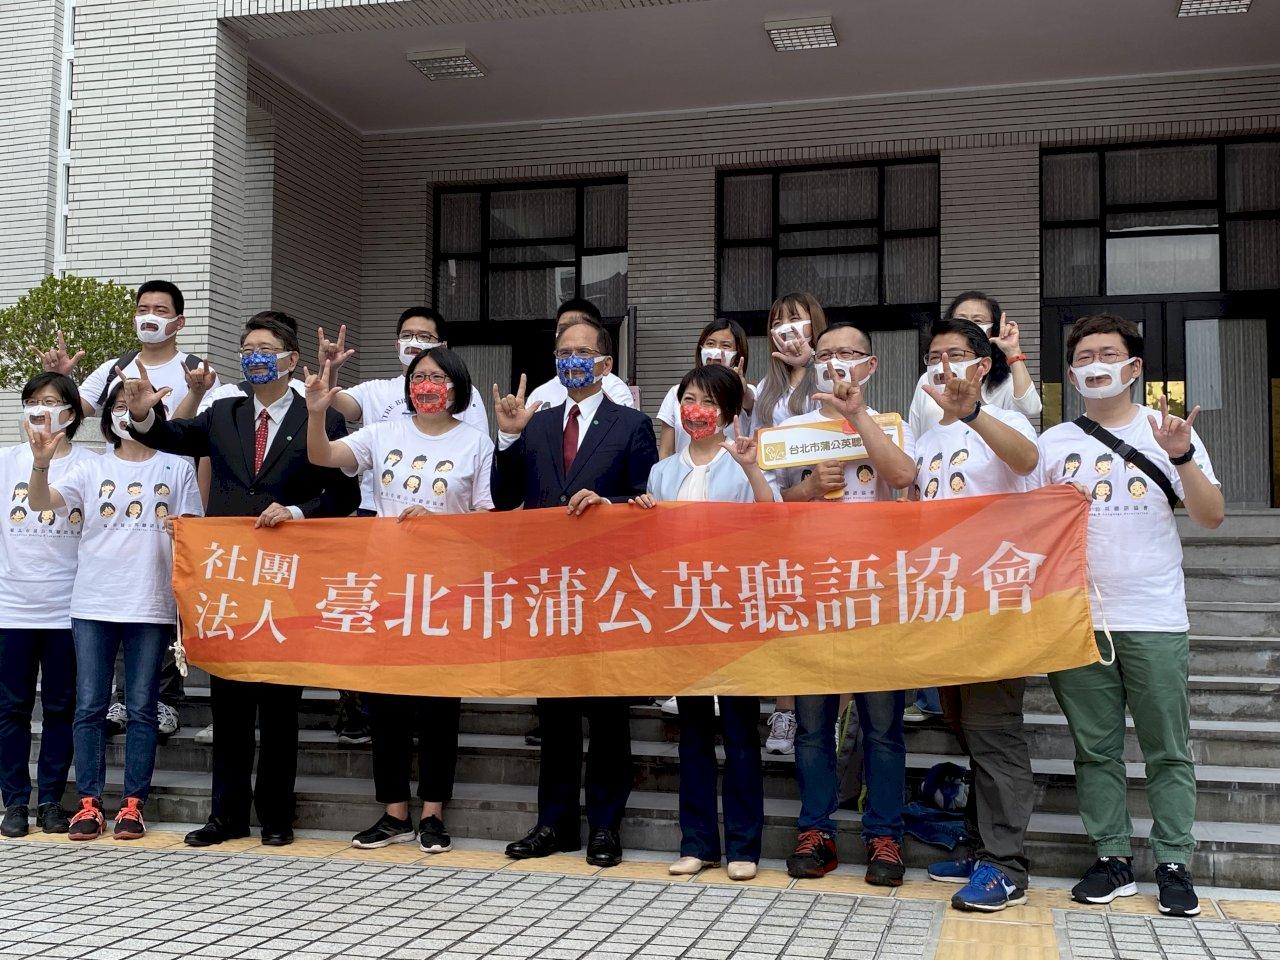 游錫堃感謝法參議院挺台 「台灣2300萬人的努力不會白費」